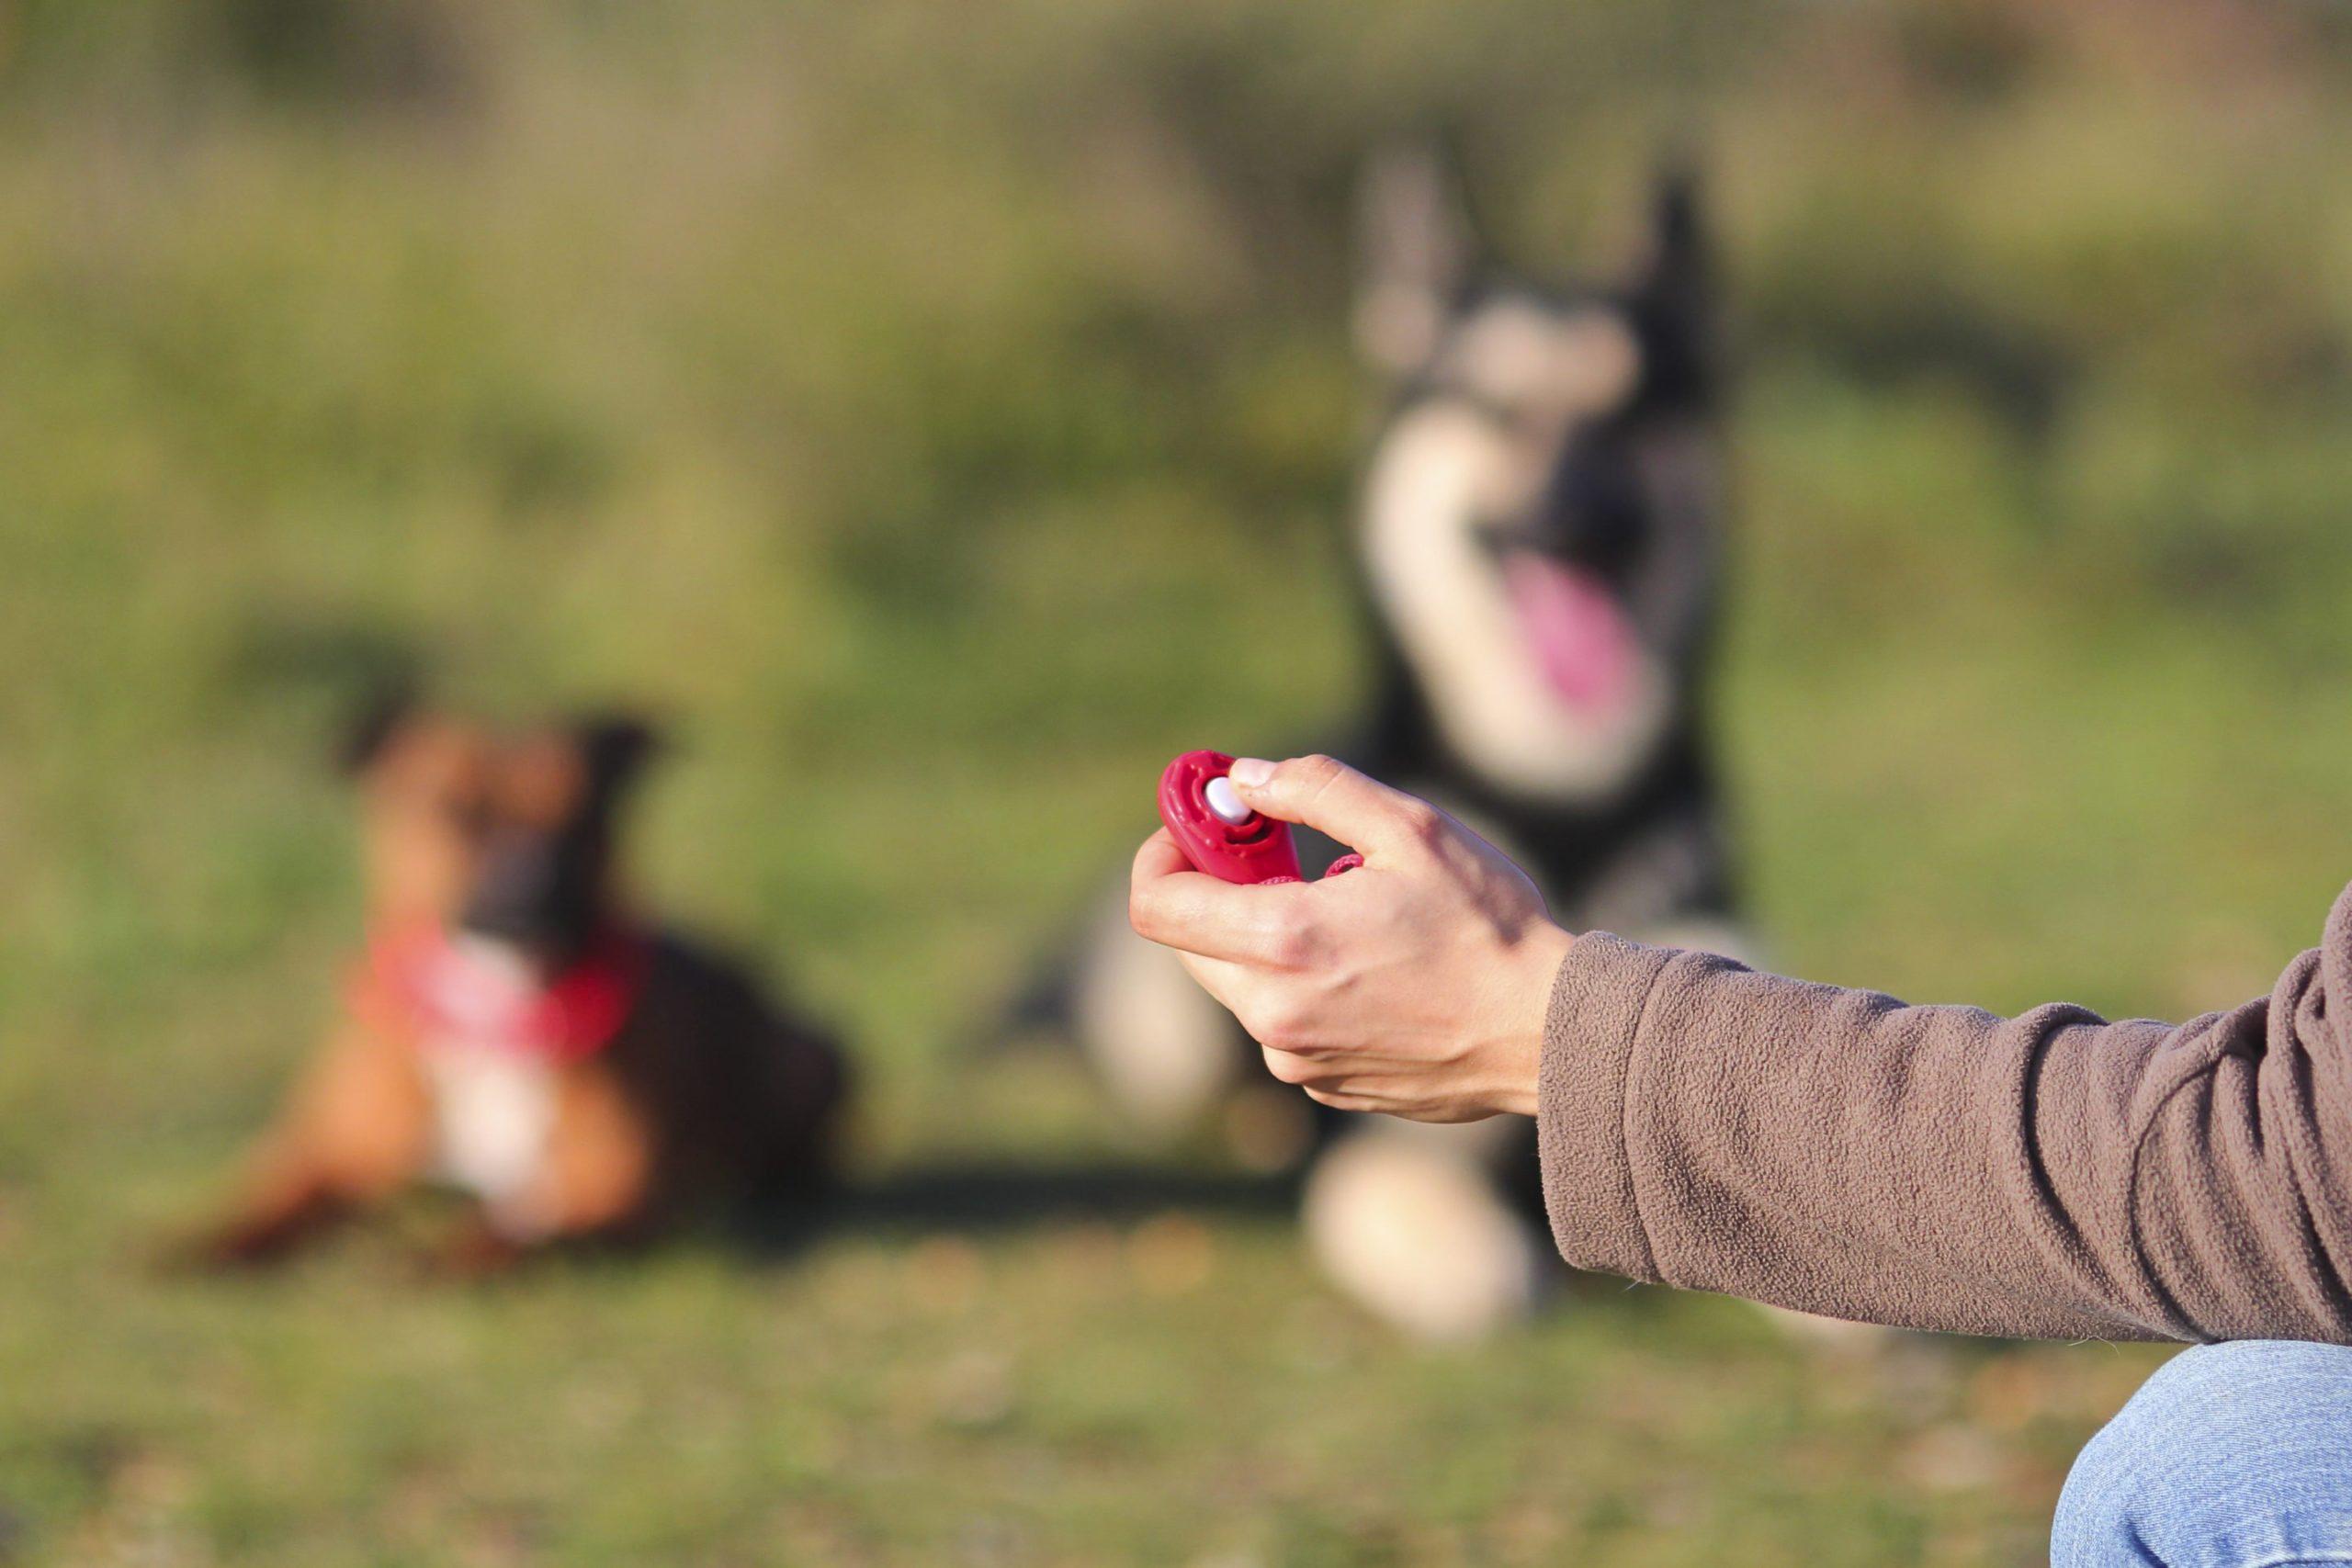 5 mythes/malentendus sur le clicker training